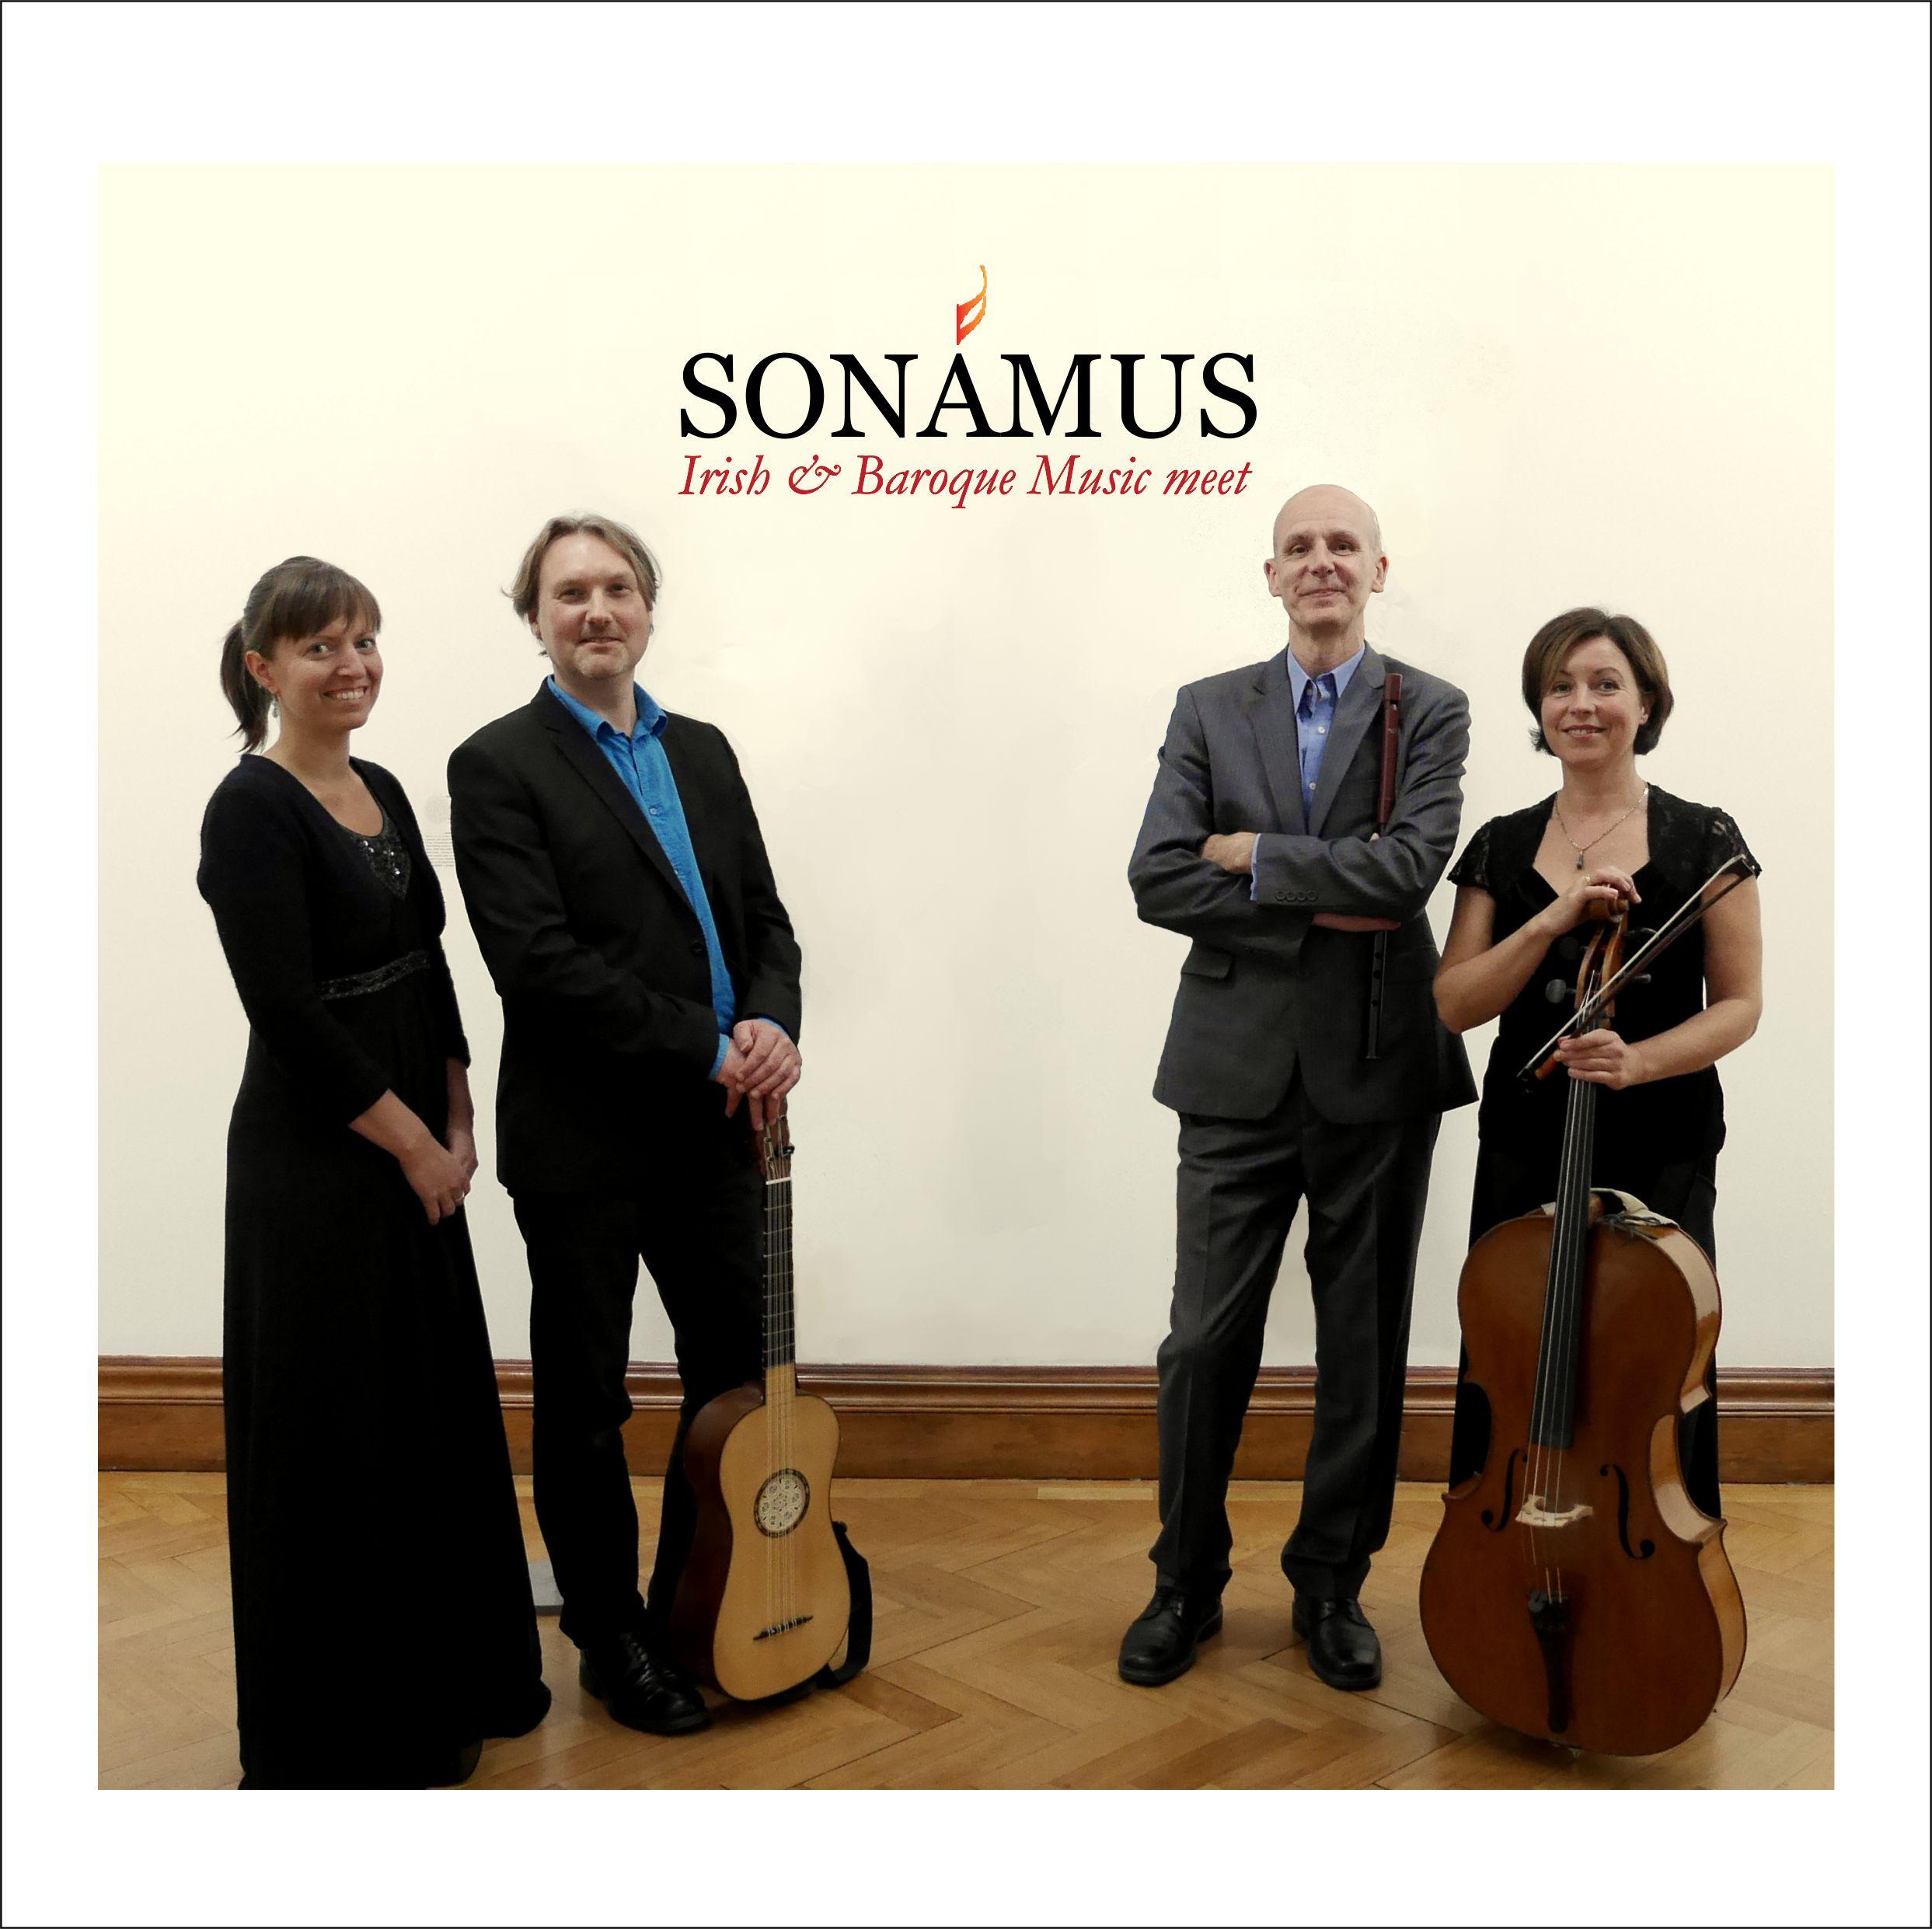 Group with Sonamus logo